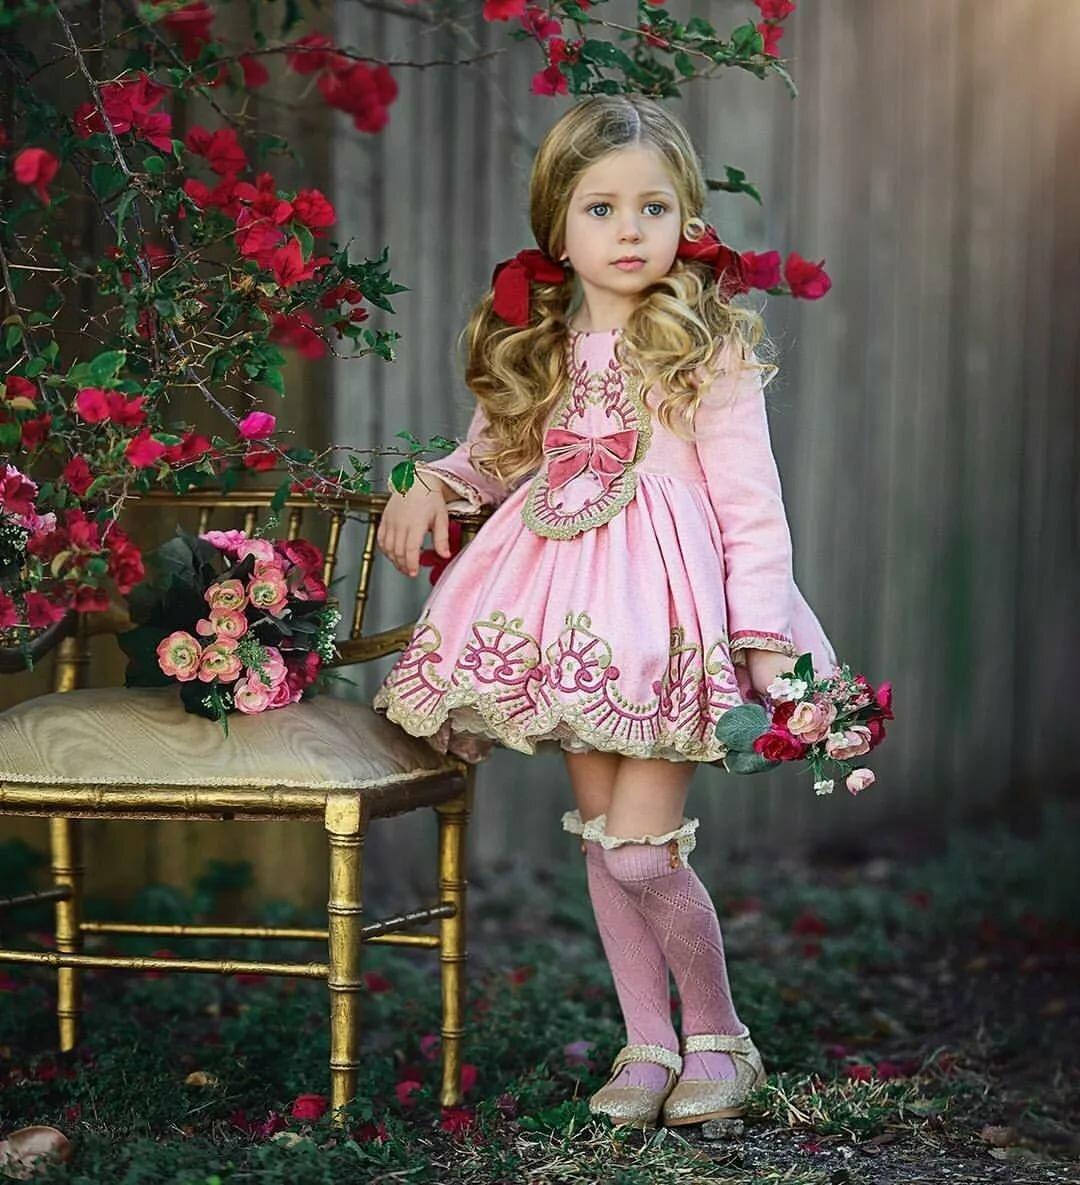 Картинки девочек в красивых платьях